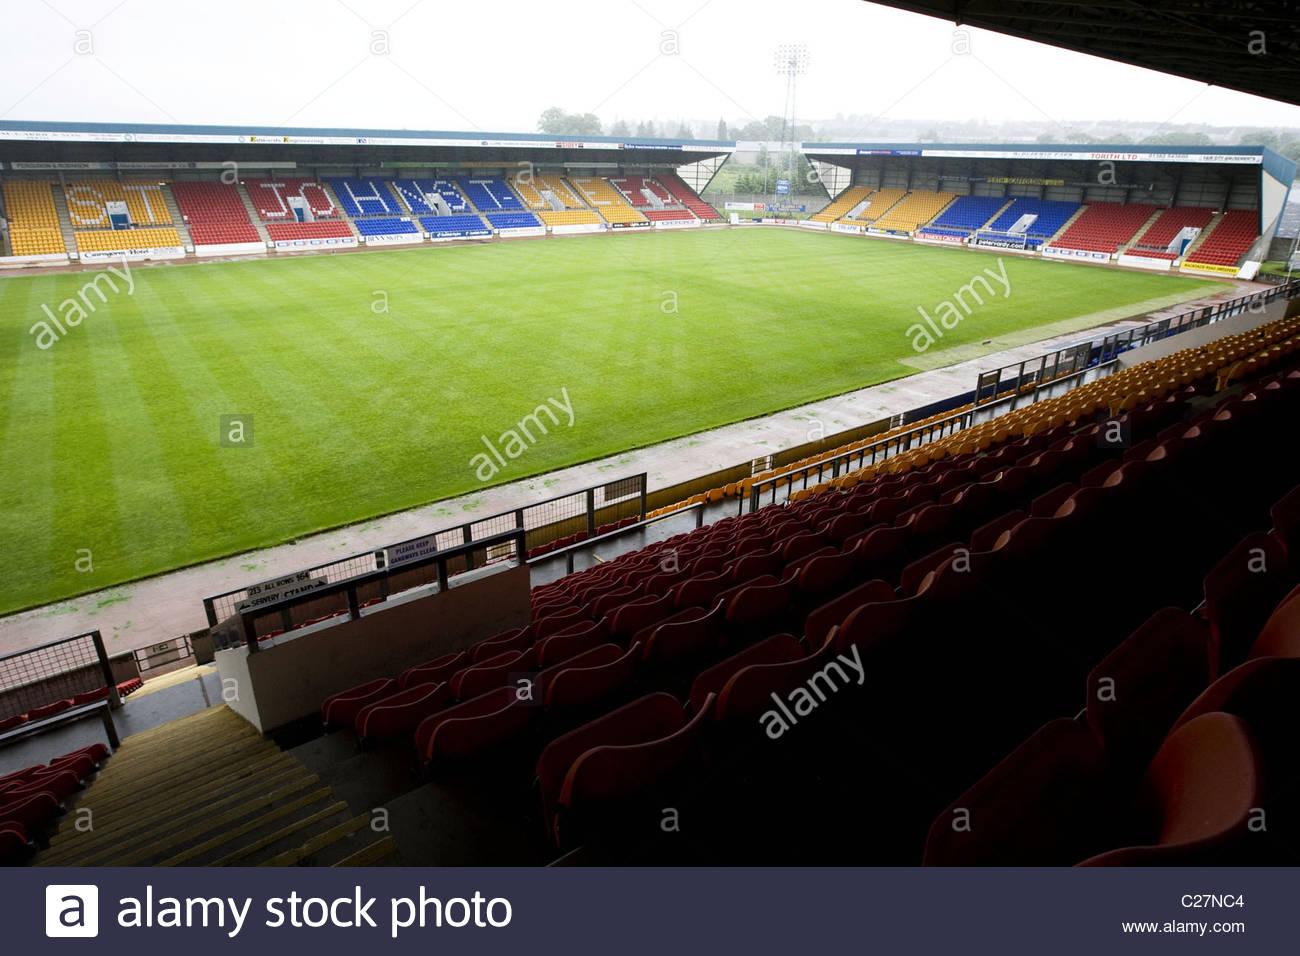 17/06/09 - MCDIARMID PARK PERTH GV de McDiarmid Park, domicile de Saint Johnstone FC Photo Stock